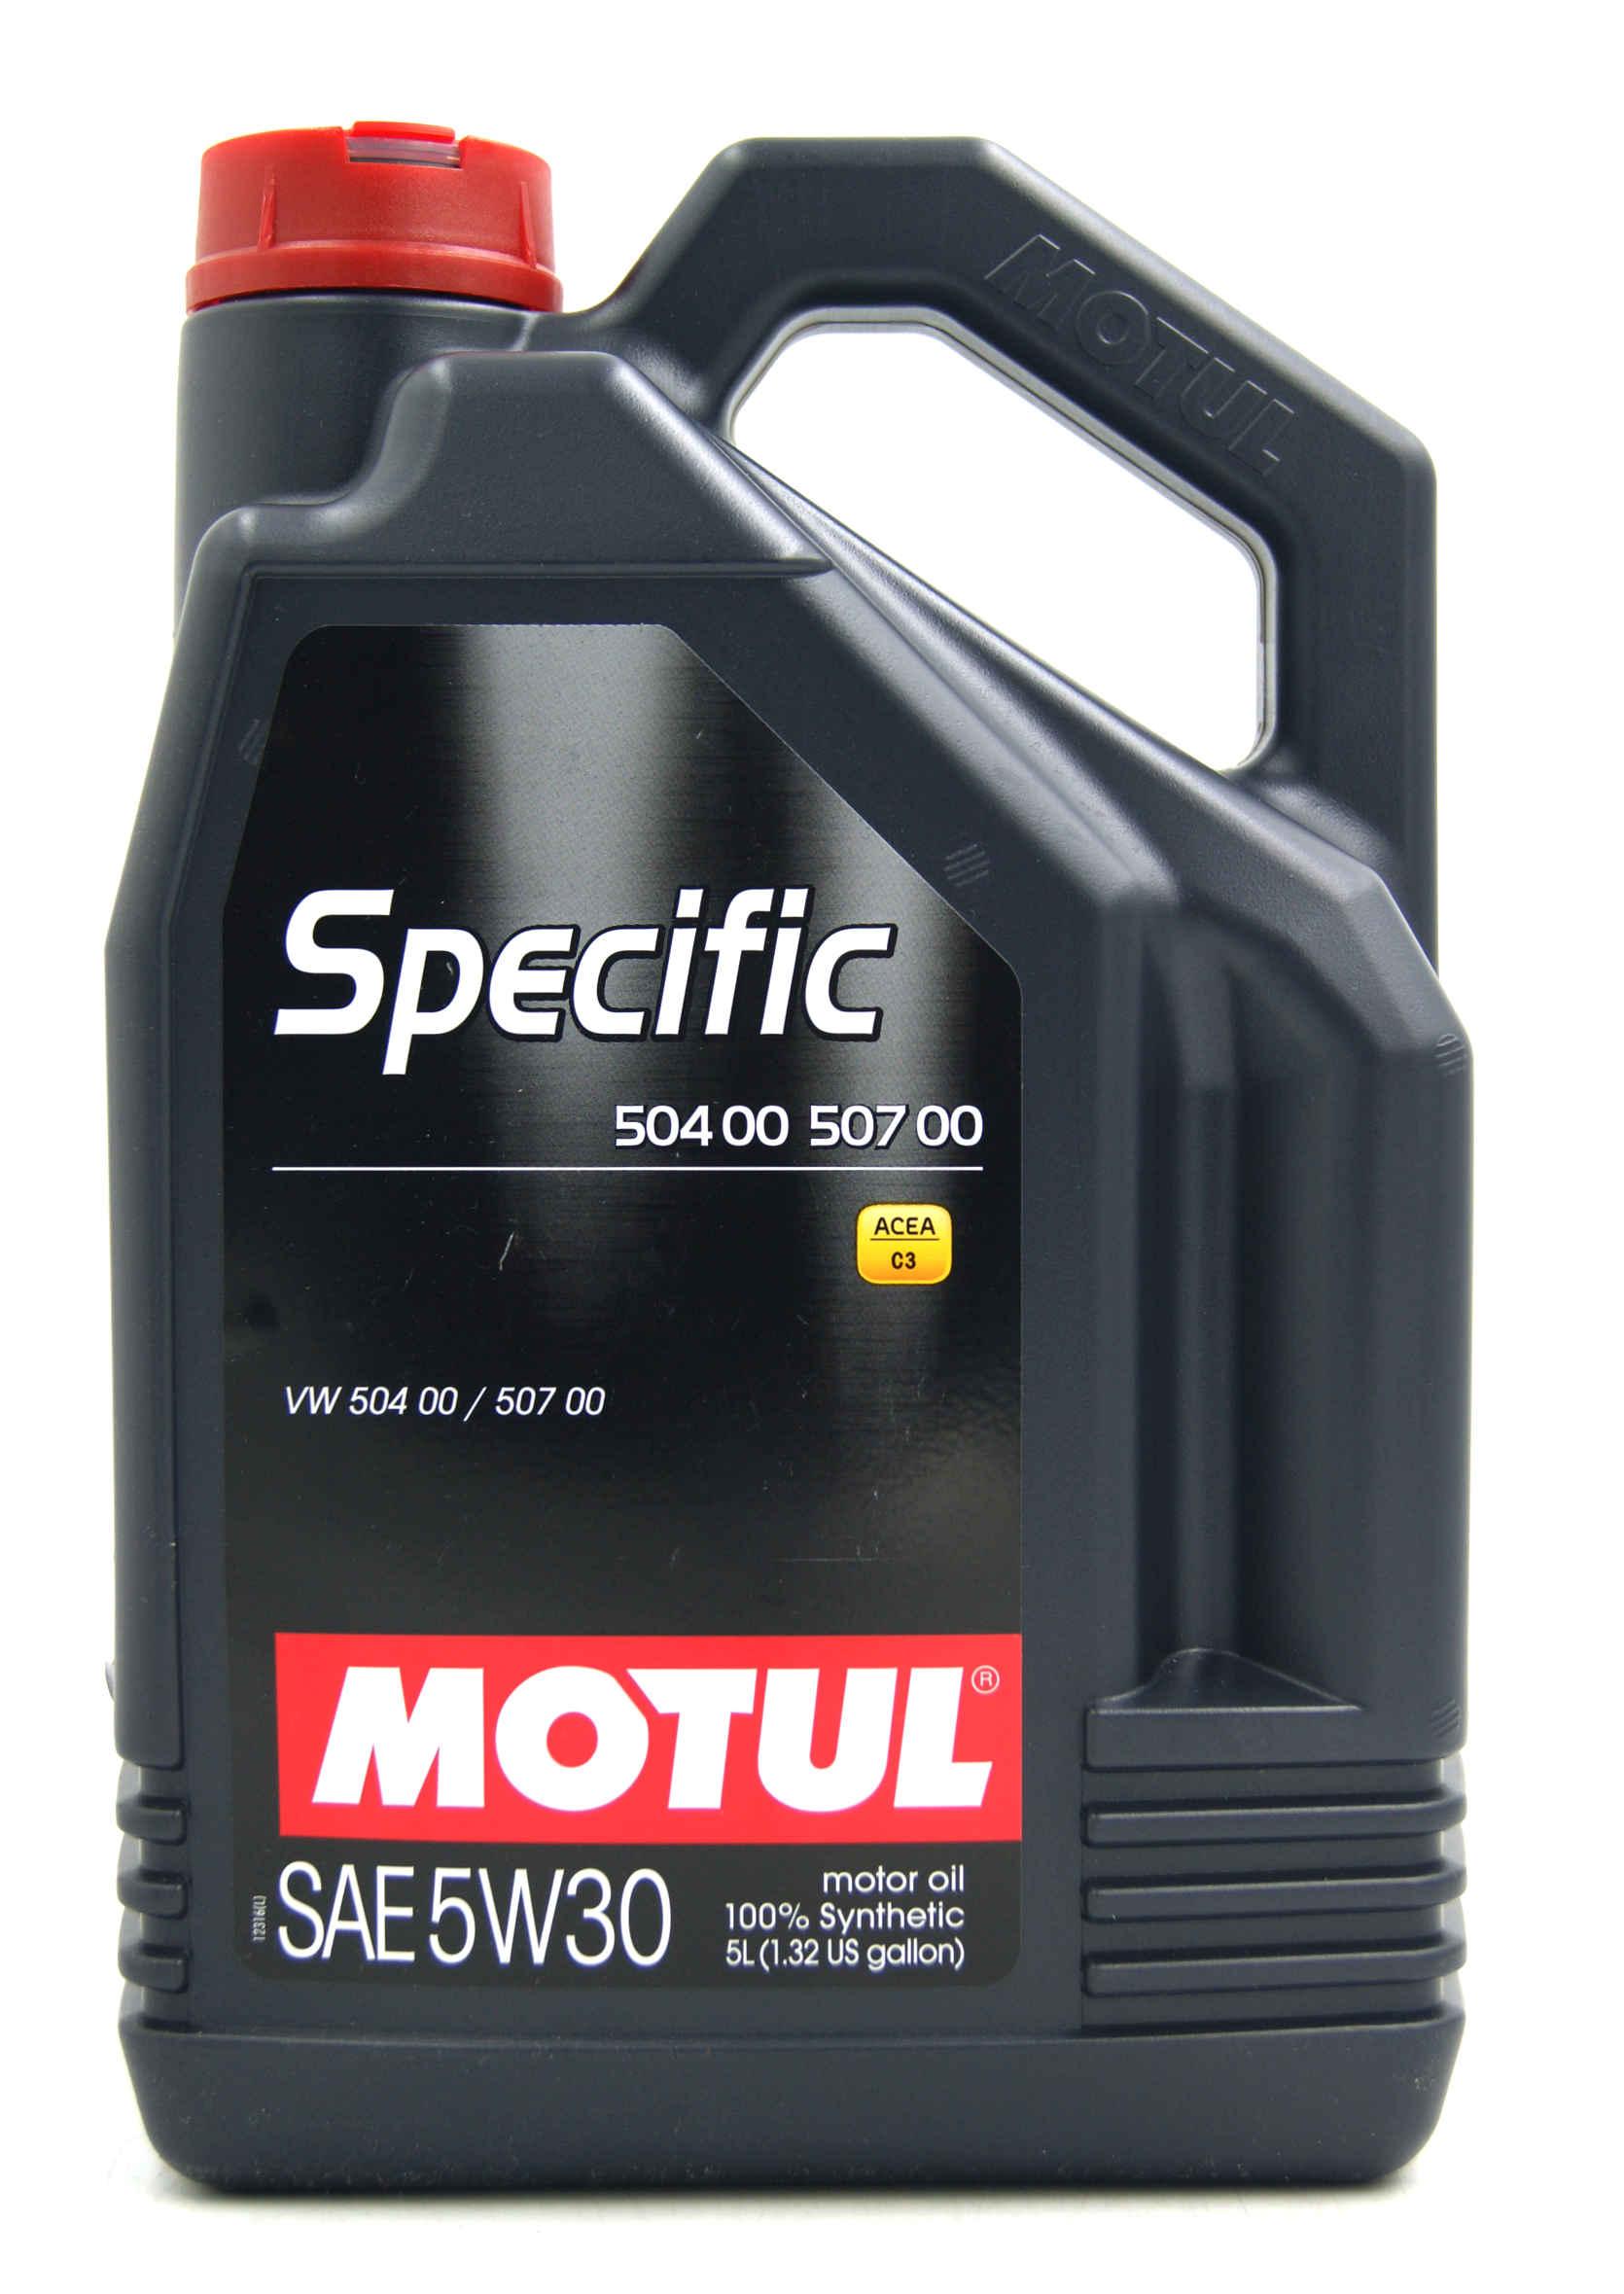 Motul Specific 5W30 5L Olej Syntetyczny 504.00 507.00 do DPF